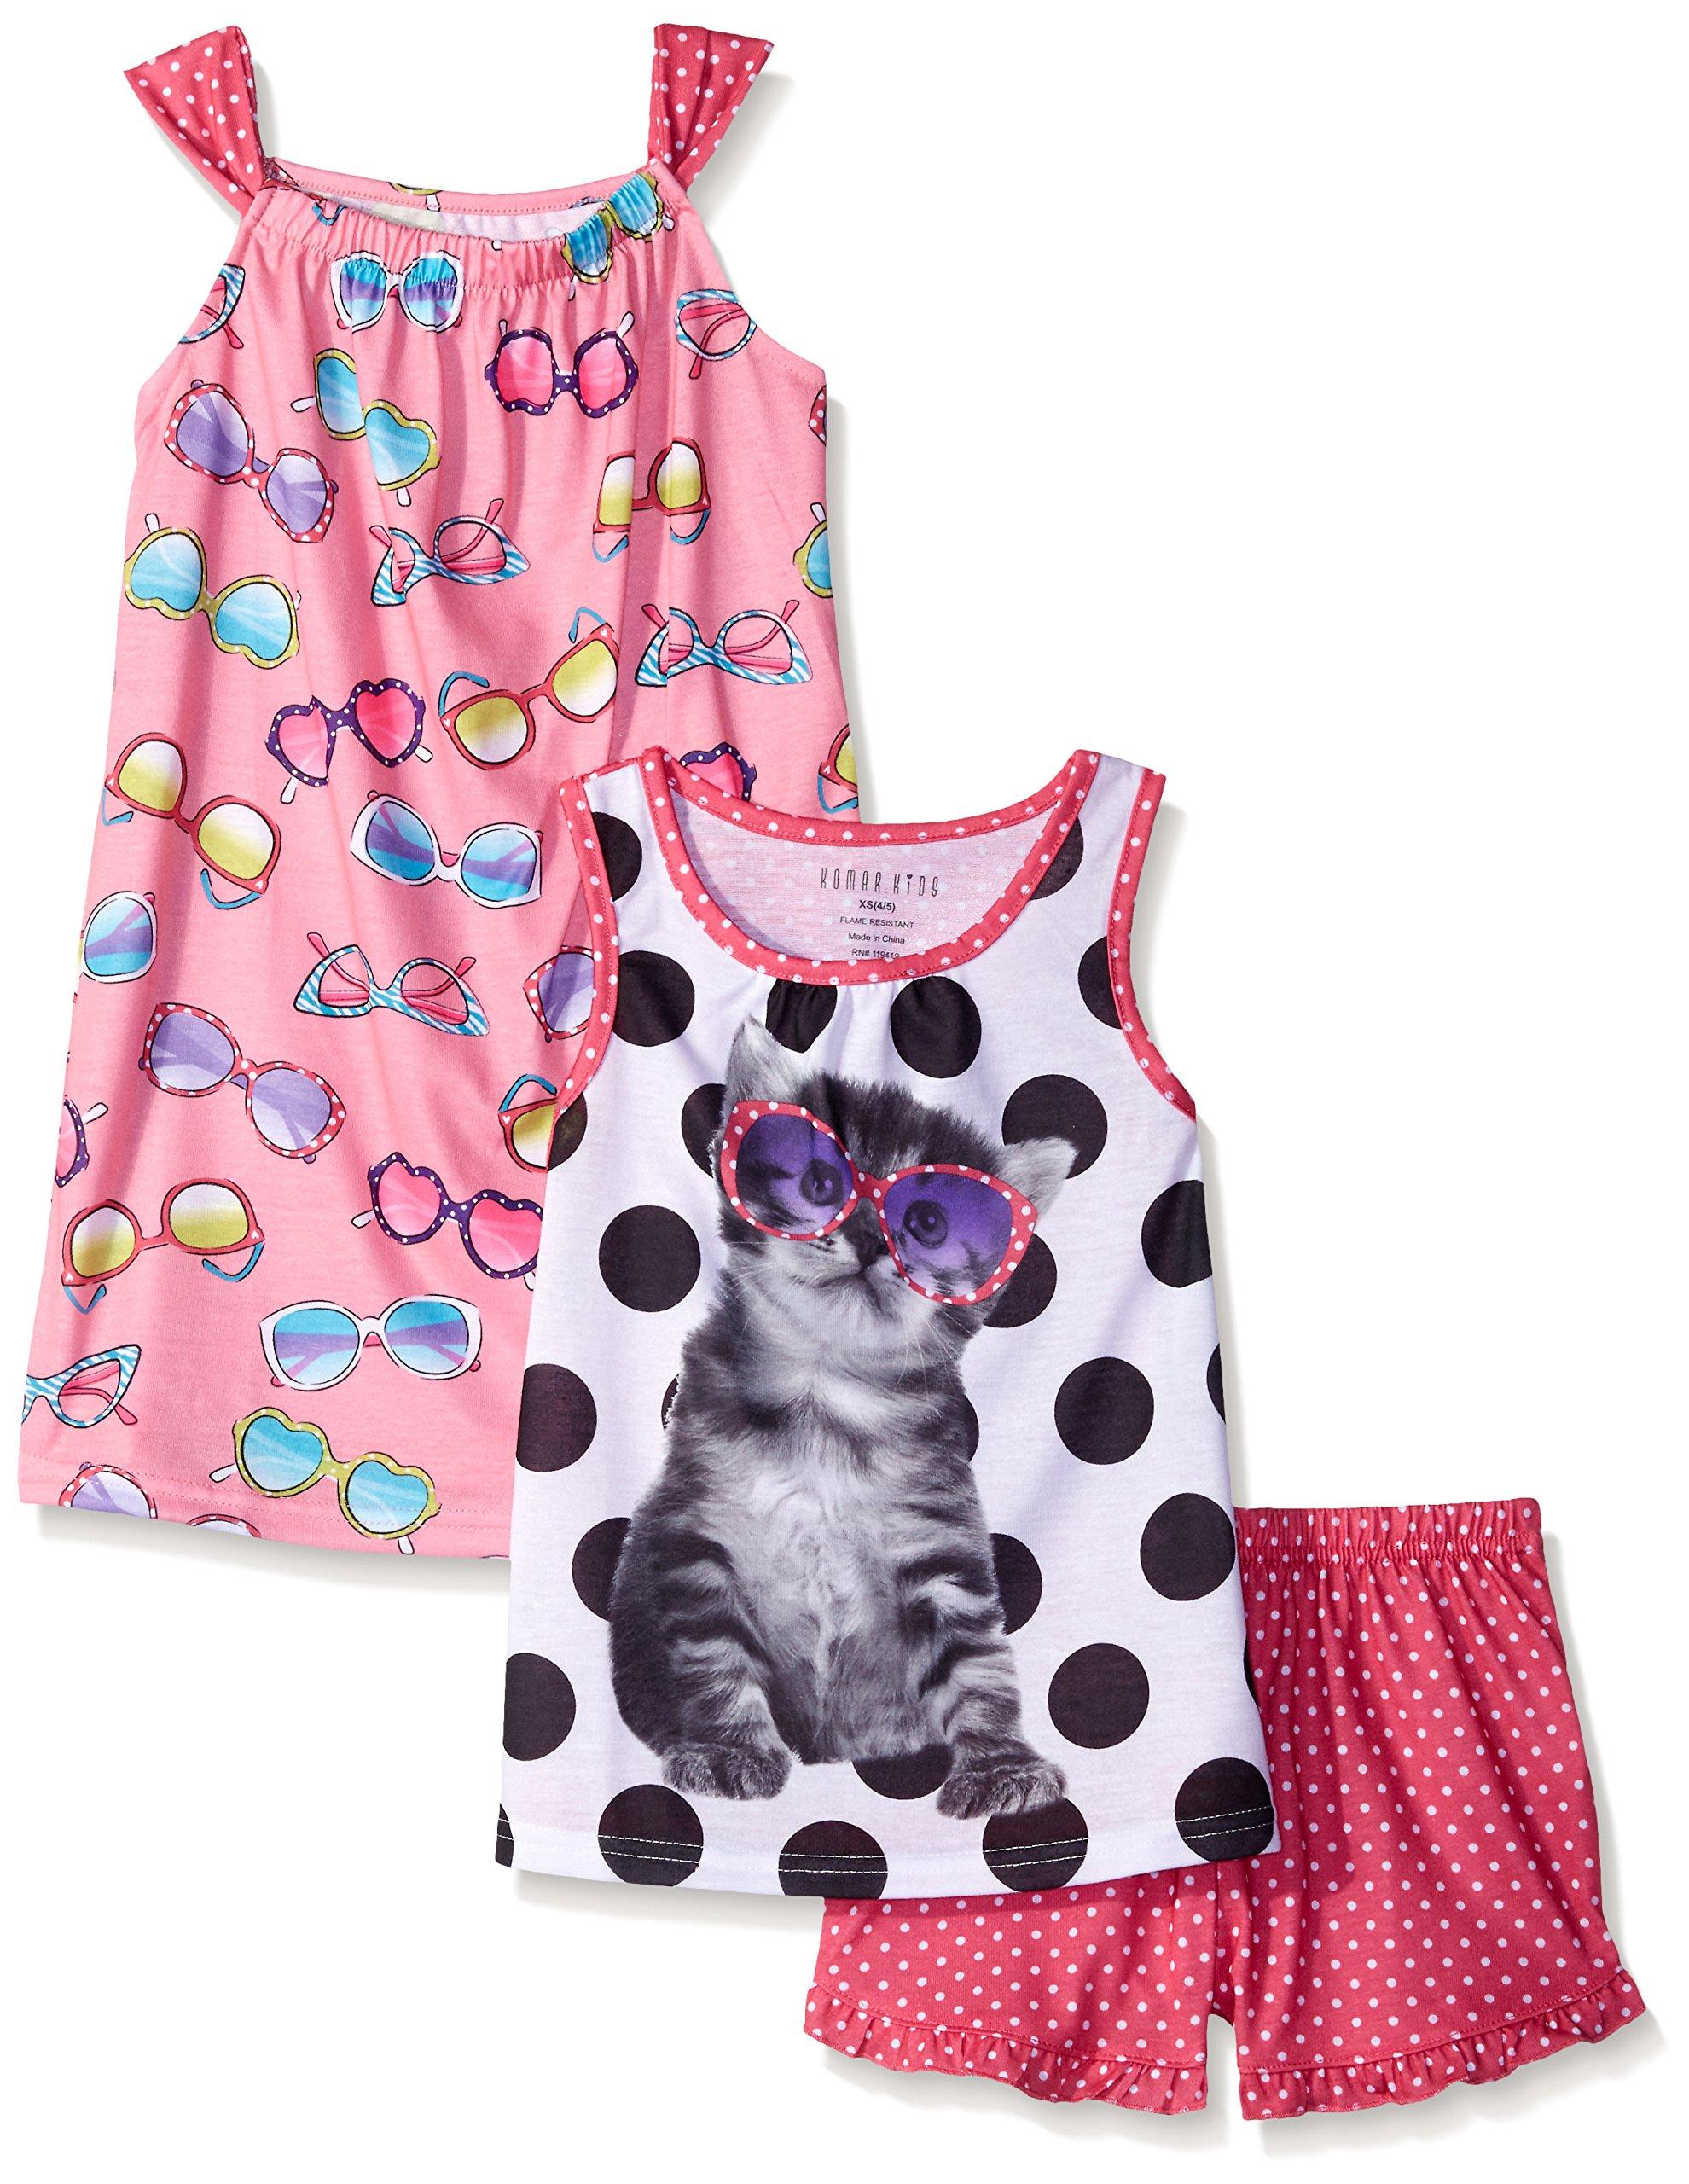 Komar Kids Big Girls 3 Piece Sleepwear Set Cat Short Set with Sunglass Print Gown, Pink, X-Small